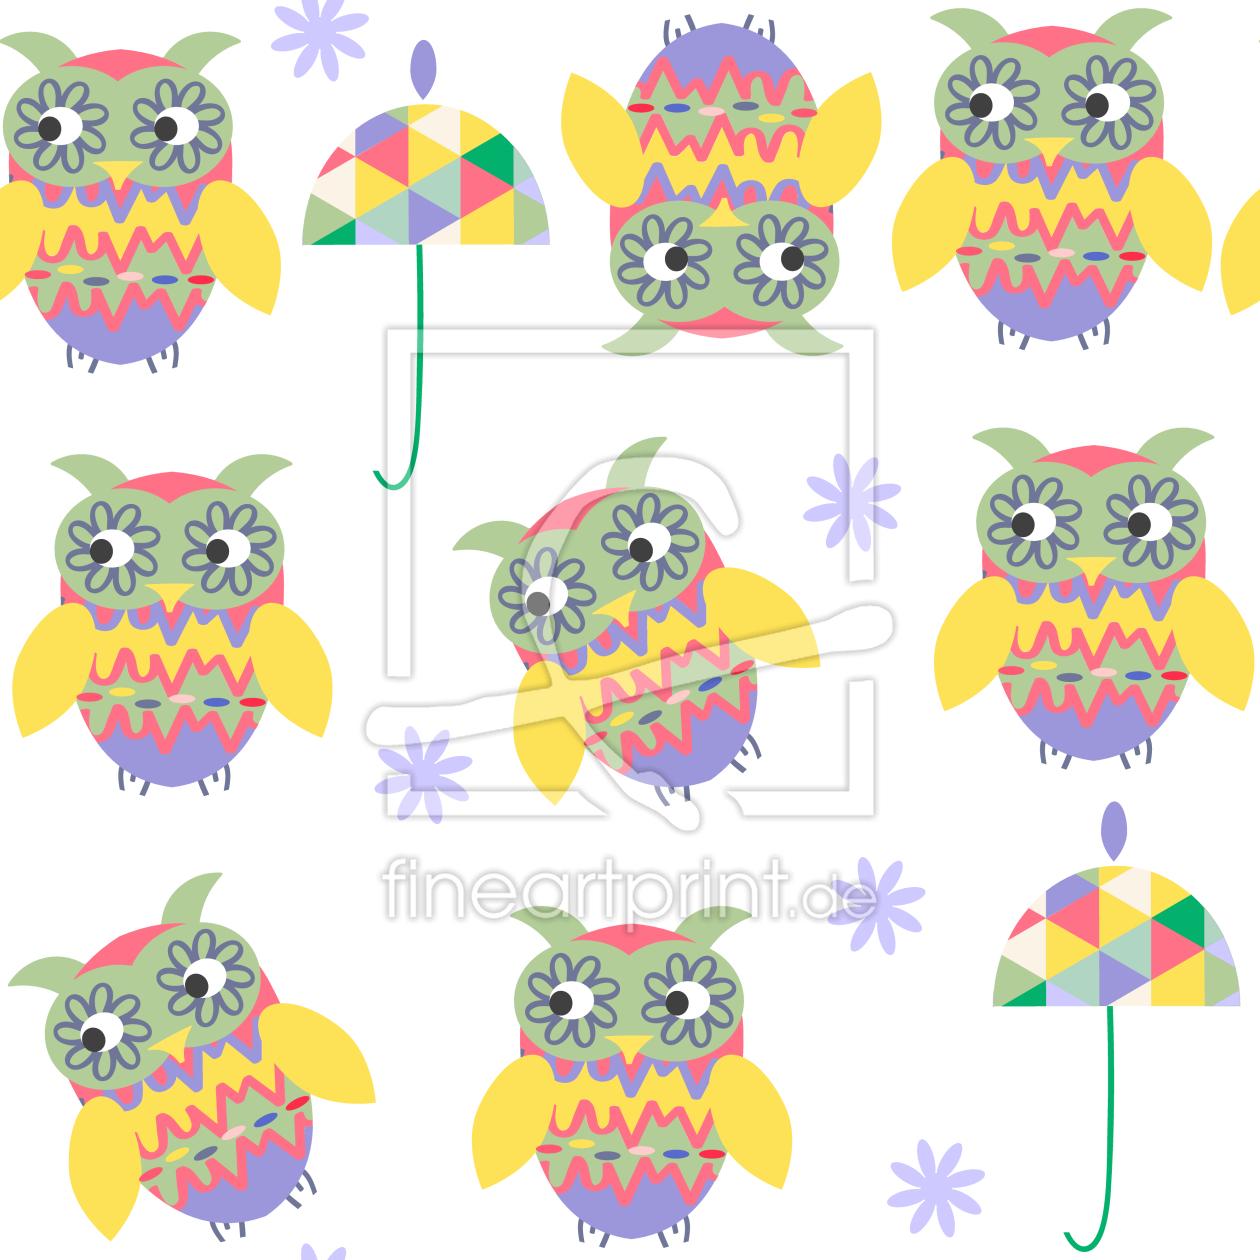 Bilder Auf Tapete Drucken : Bild 9007842 auf Tapete kaufen von patterndesigns.com